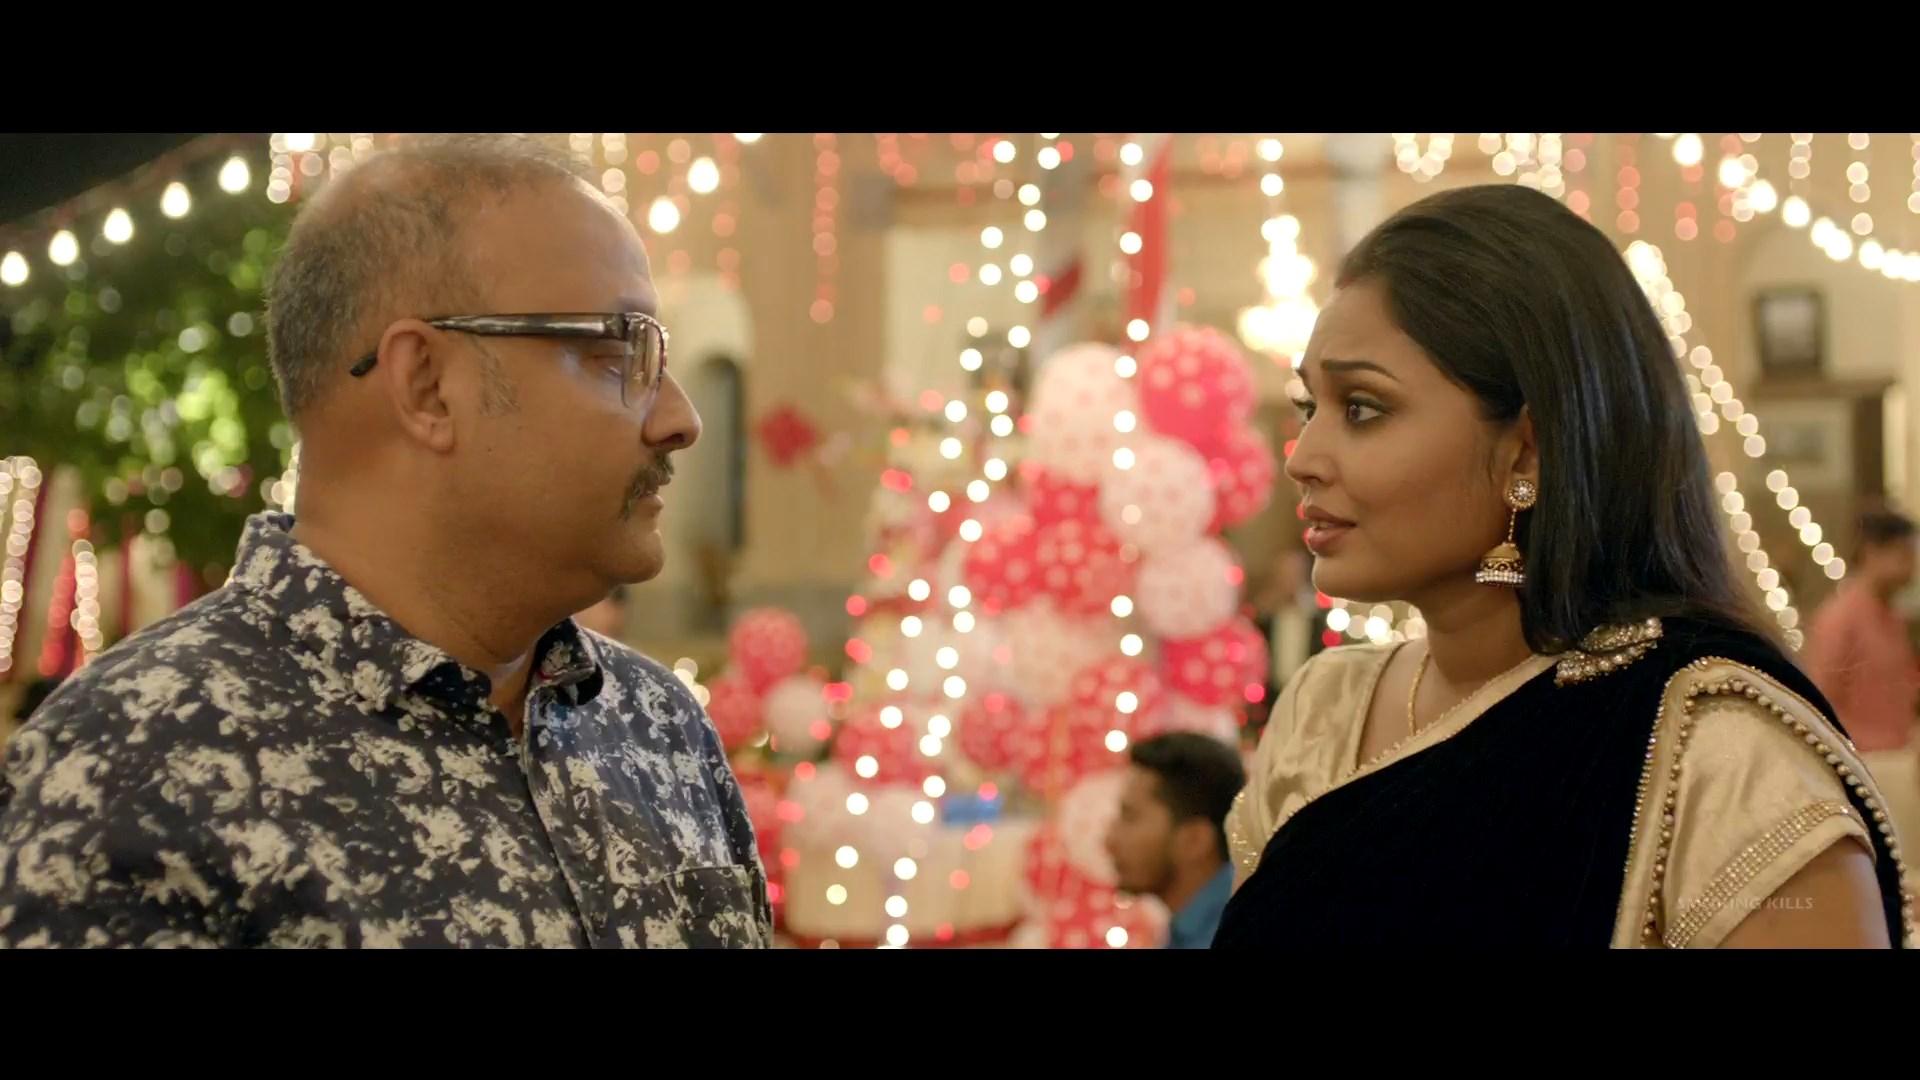 Aschhe Abar Shabor [2018] [Bengali Movie] [x264 1080p Untouched Web DL] [Esub].mkv snapshot 00.13.26